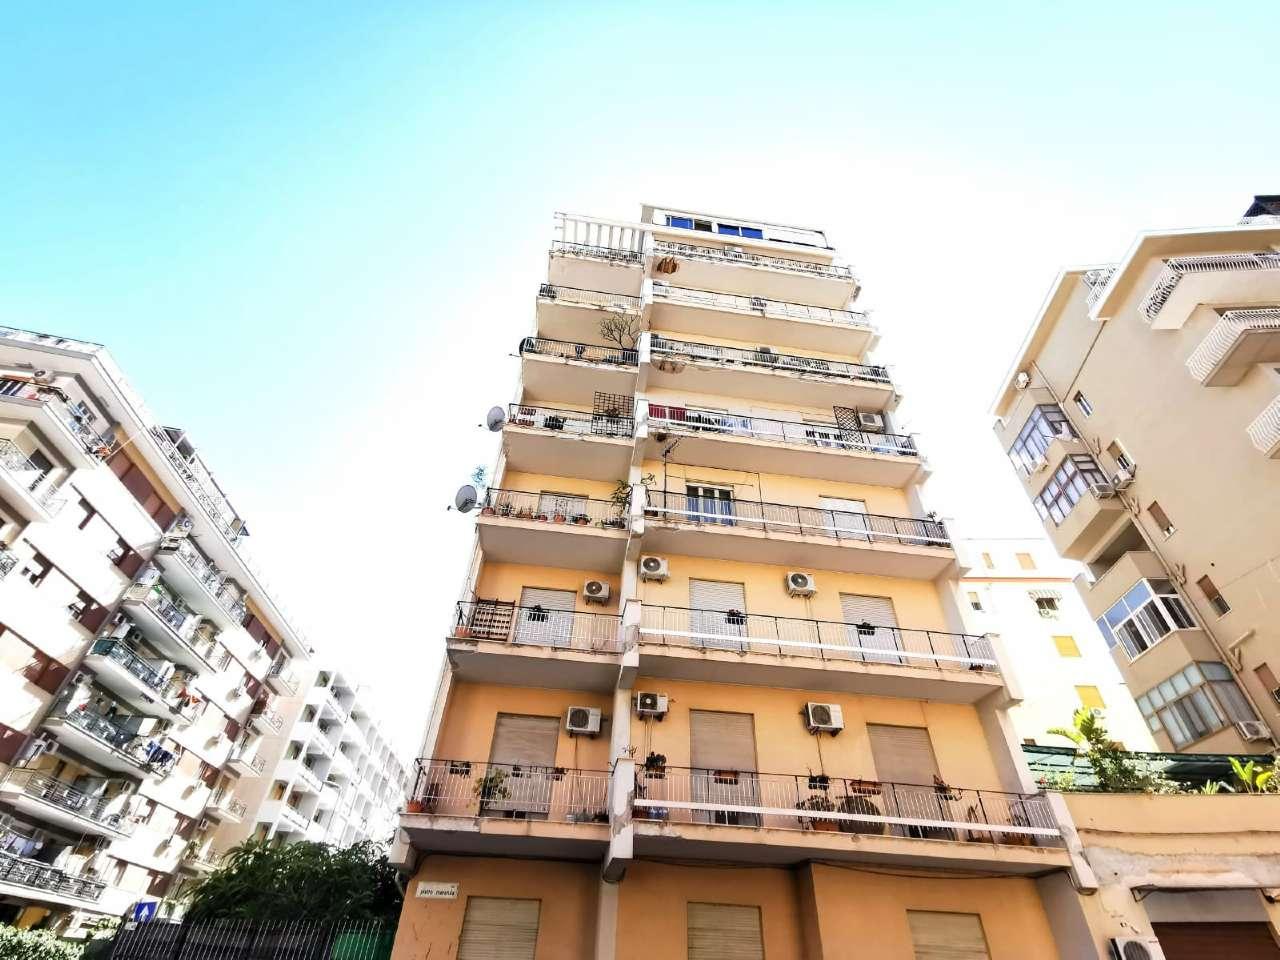 Monolocale in Affitto a Palermo: 1 locali, 12 mq